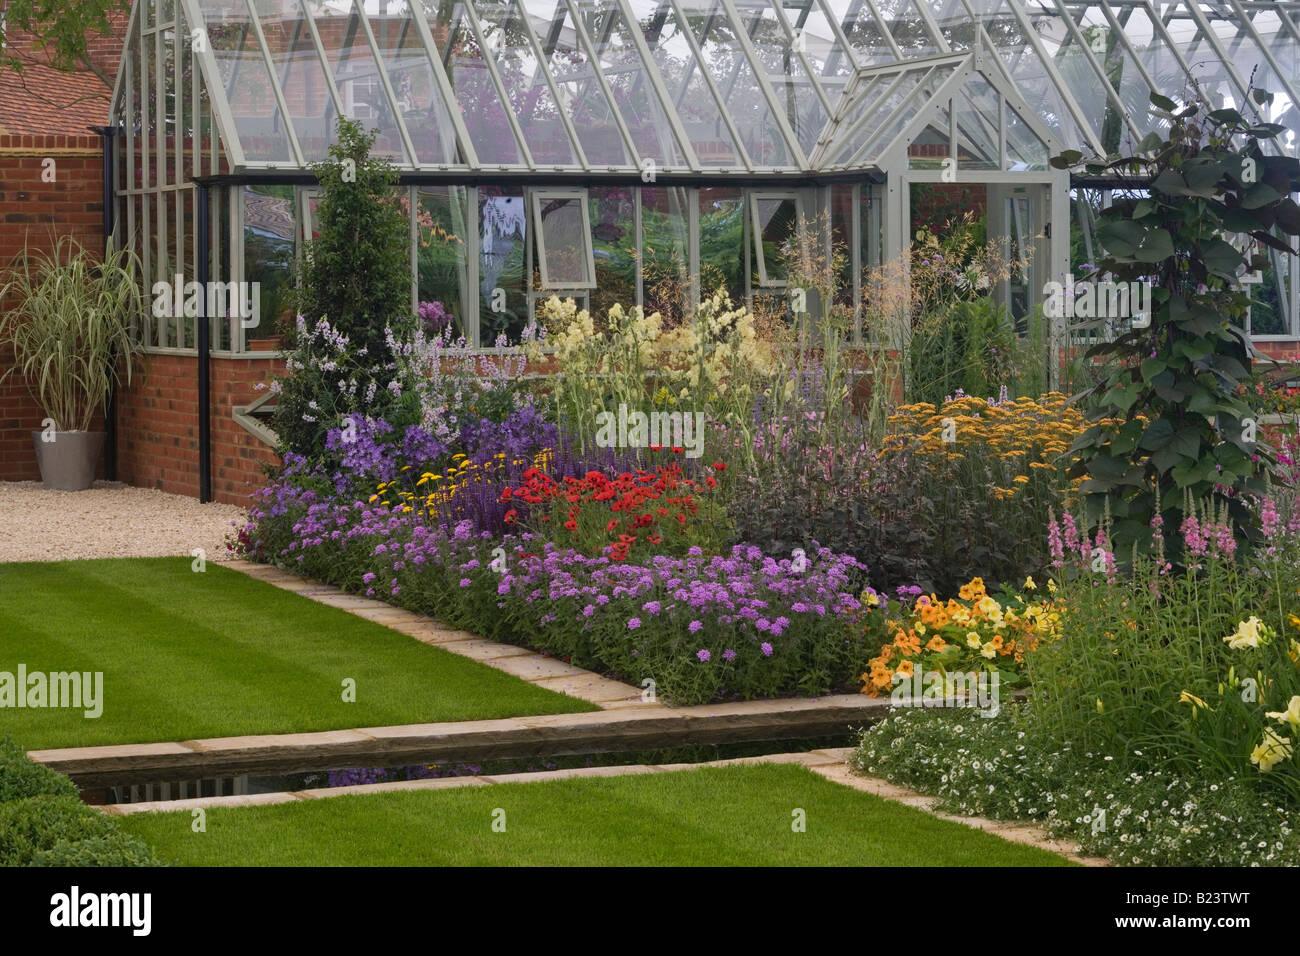 Cottage garten pflanzen  Darüber hinaus die Garden Wall - Hardys Cottage-Garten Pflanzen ...